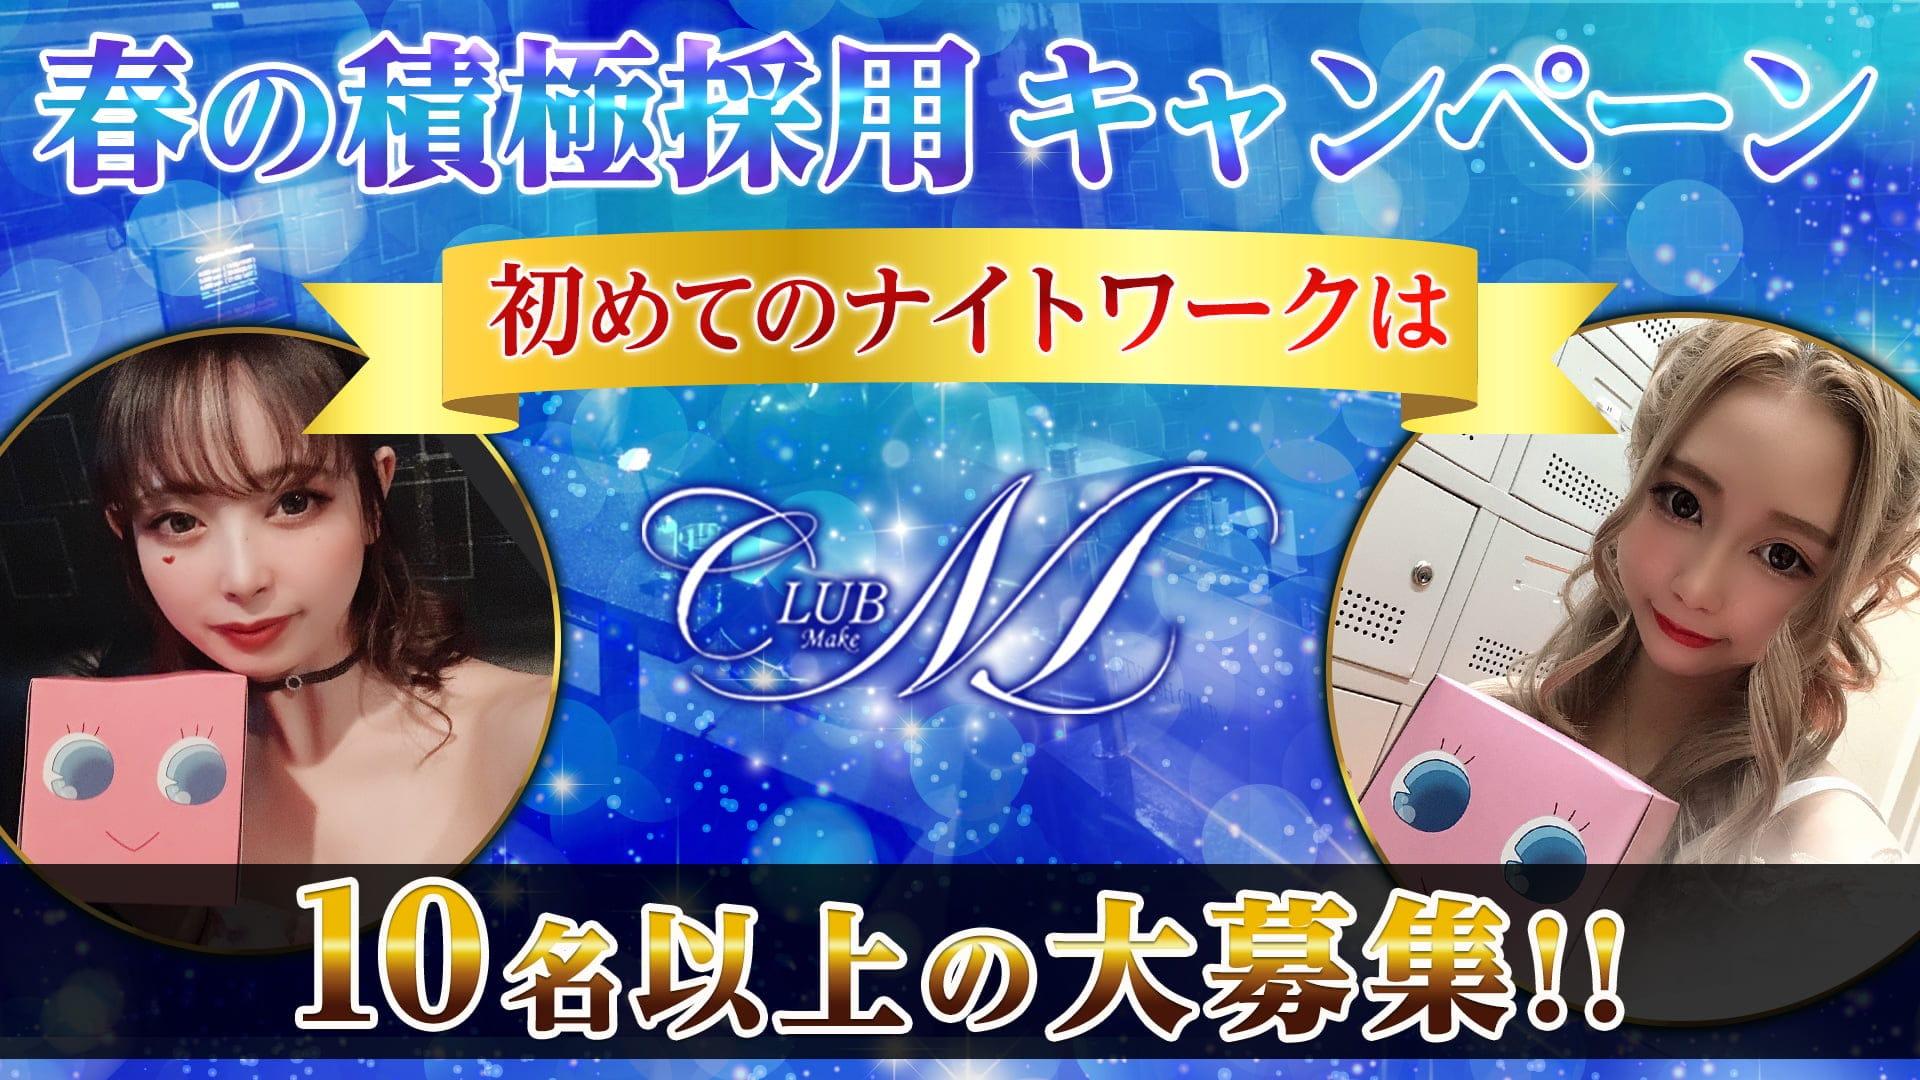 【西新】CLUB Make(メイク)【公式求人・体入情報】 天神キャバクラ TOP画像